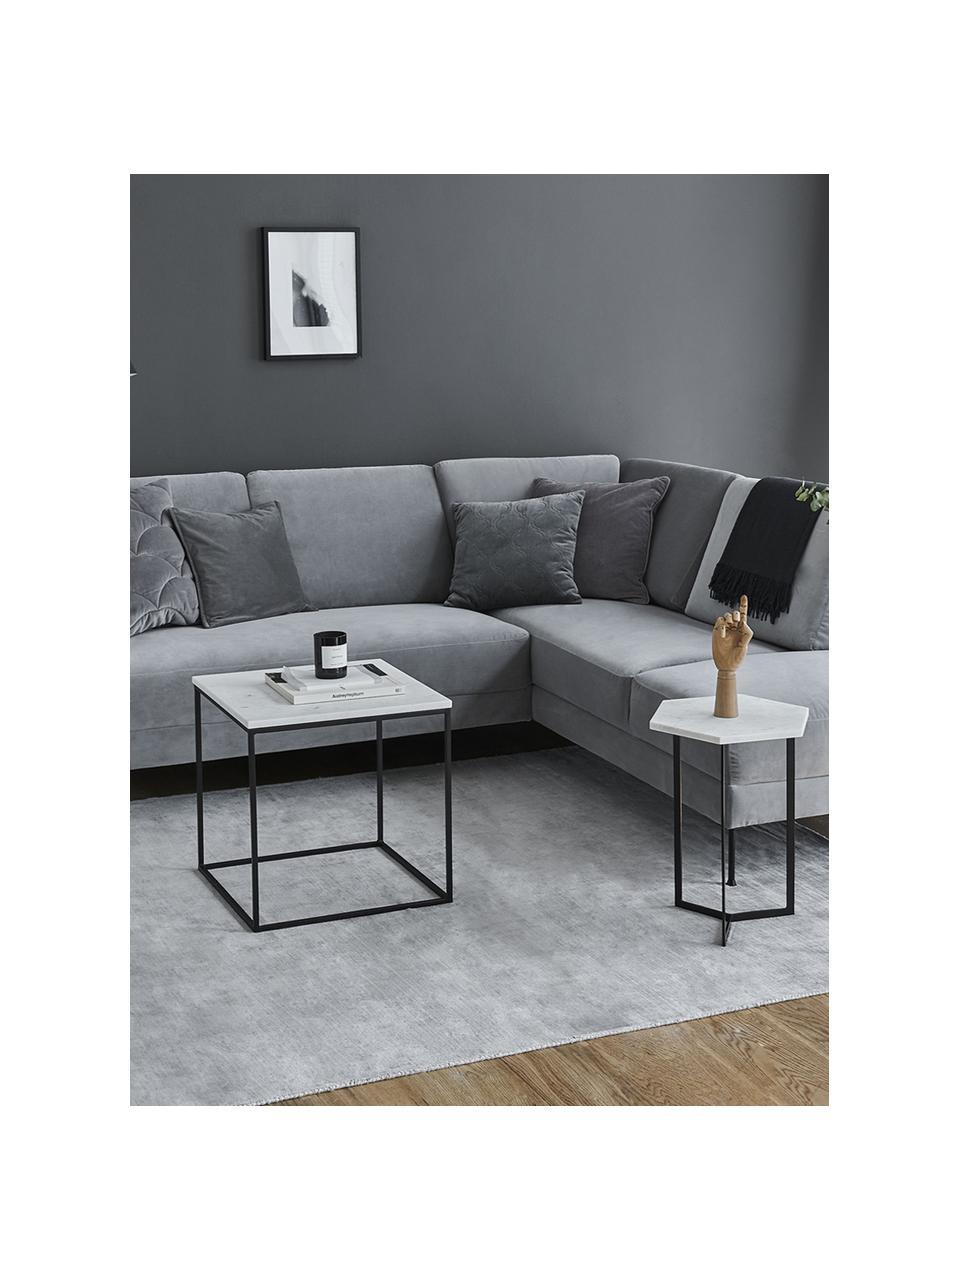 Marmor-Beistelltisch Alys, Tischplatte: Marmor, Gestell: Metall, pulverbeschichtet, Weißer Marmor, Schwarz, 45 x 50 cm